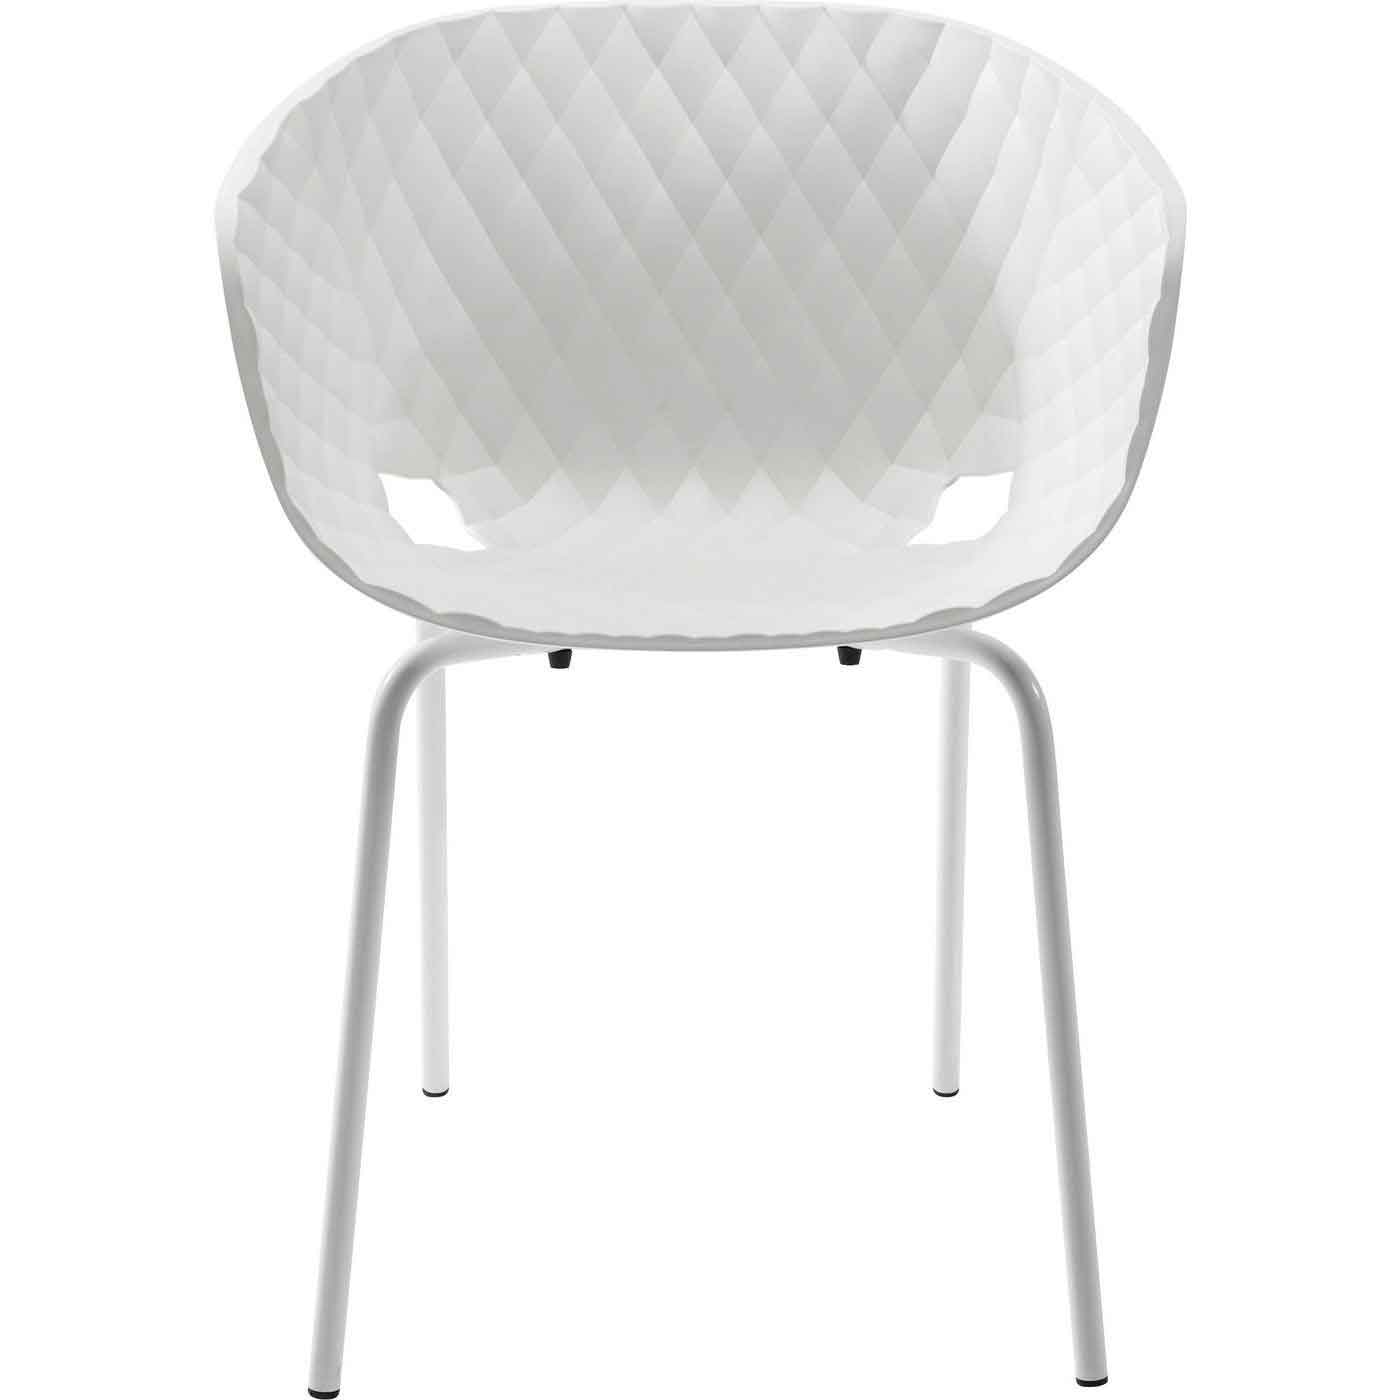 Kare design radar bubble spisebordsstol - hvid plast m. stål stel fra kare design på boboonline.dk